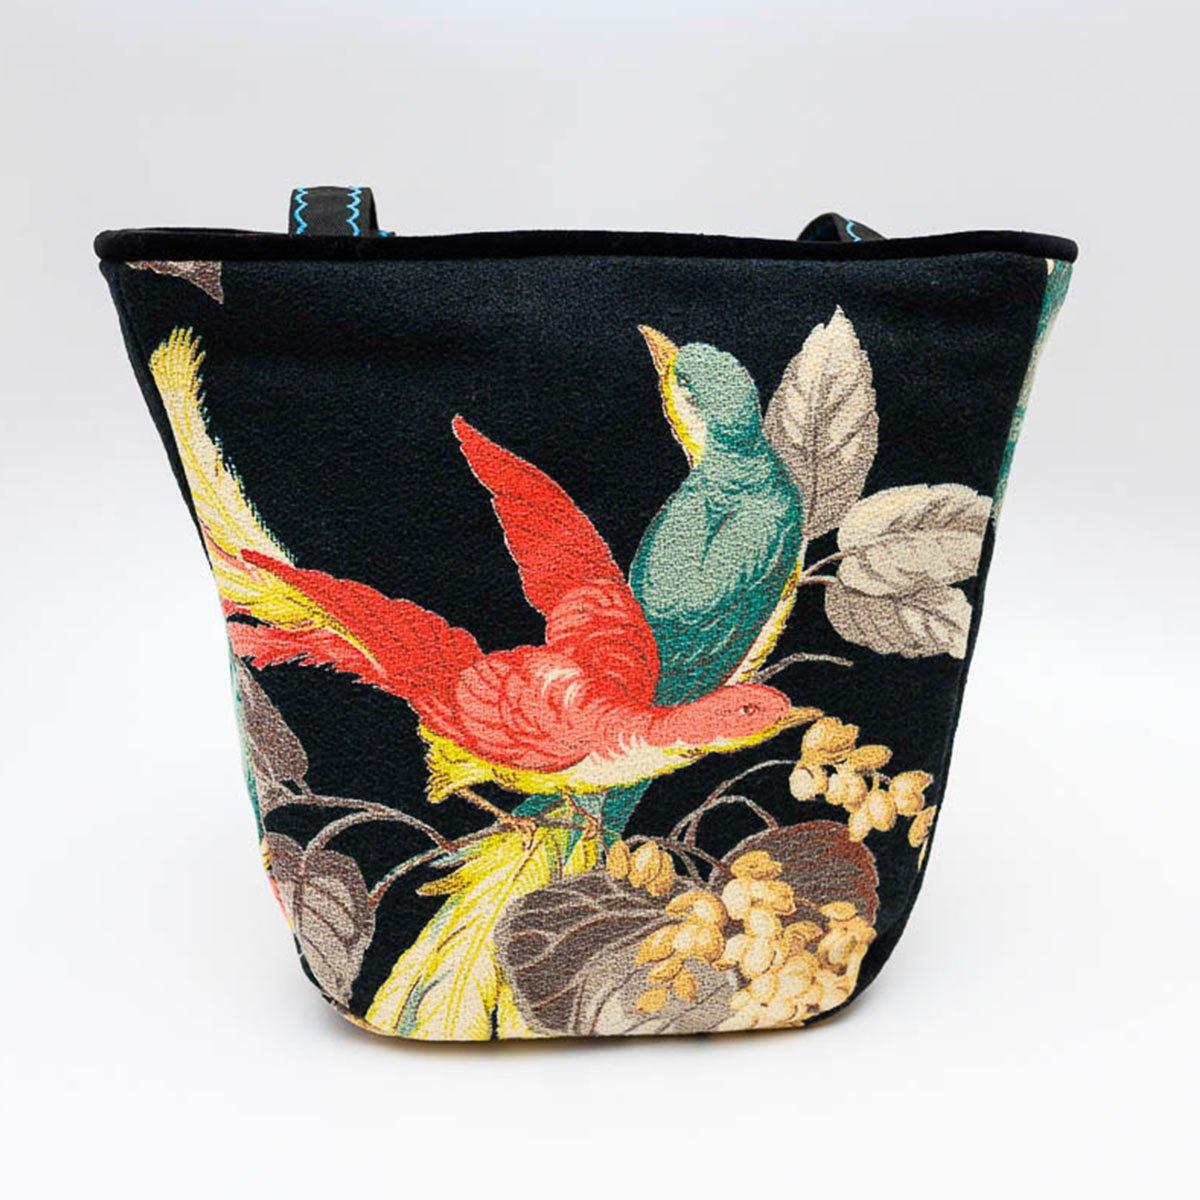 tiki_bag_bird_motif_on_black-MLP_6236